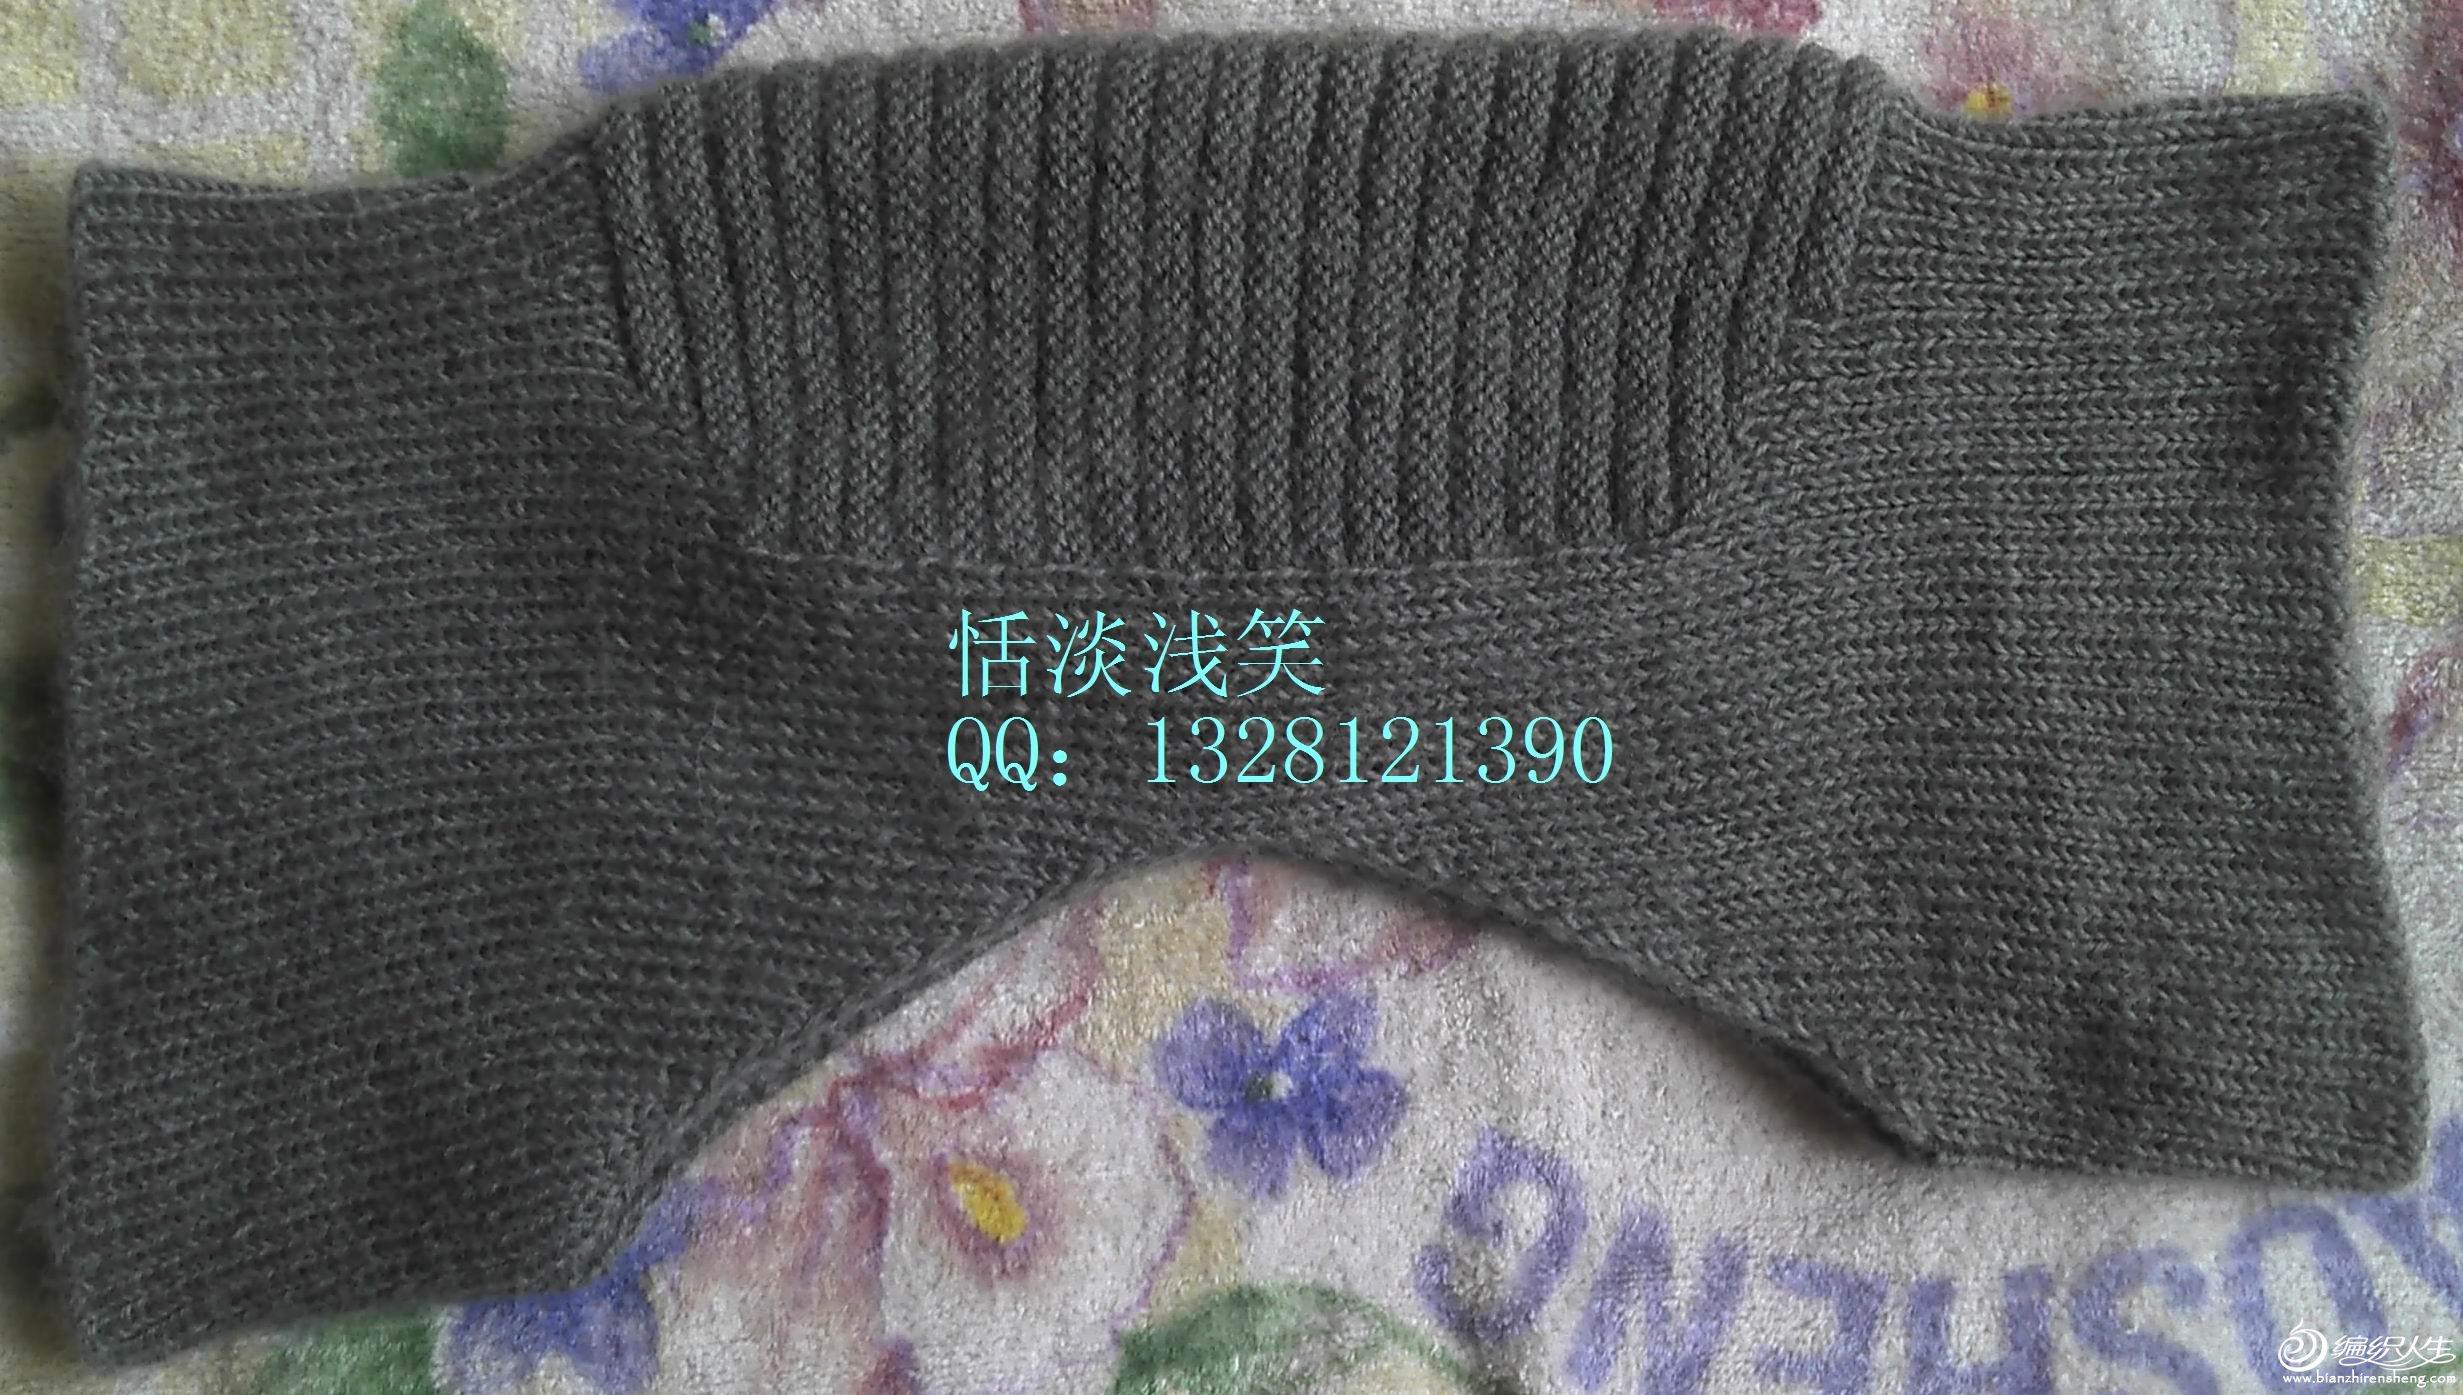 2012-03-06_15-19-39_702.jpg